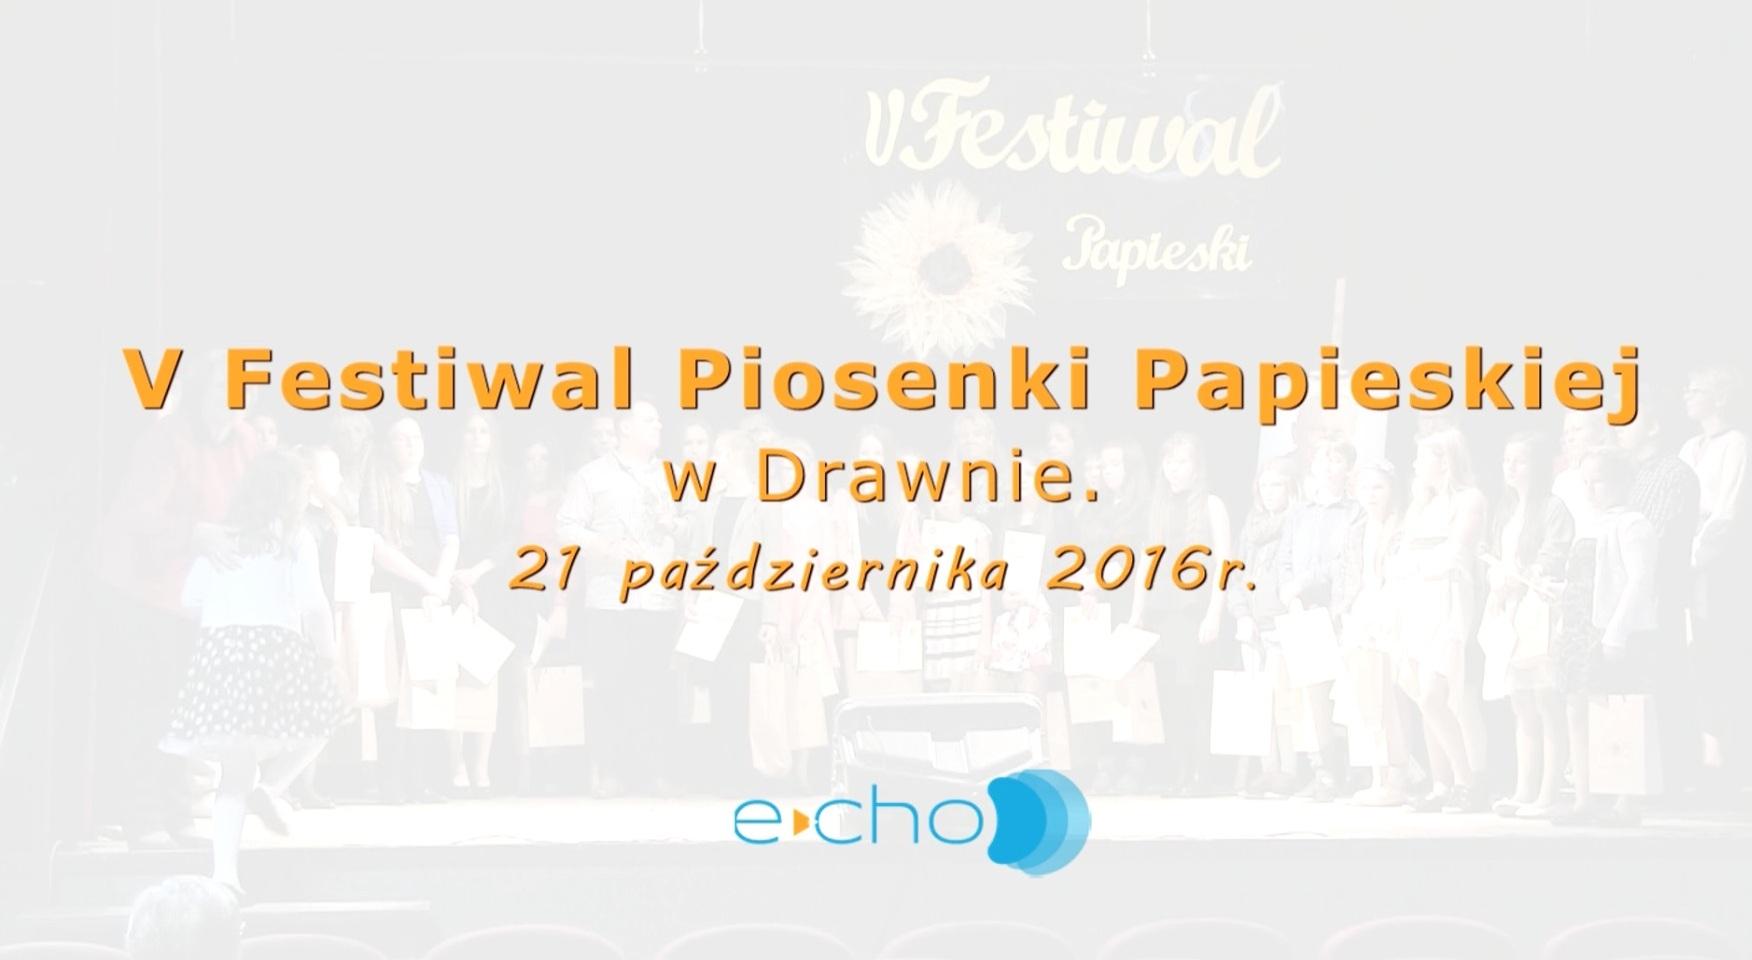 drawno/pap2016_PTI.jpg